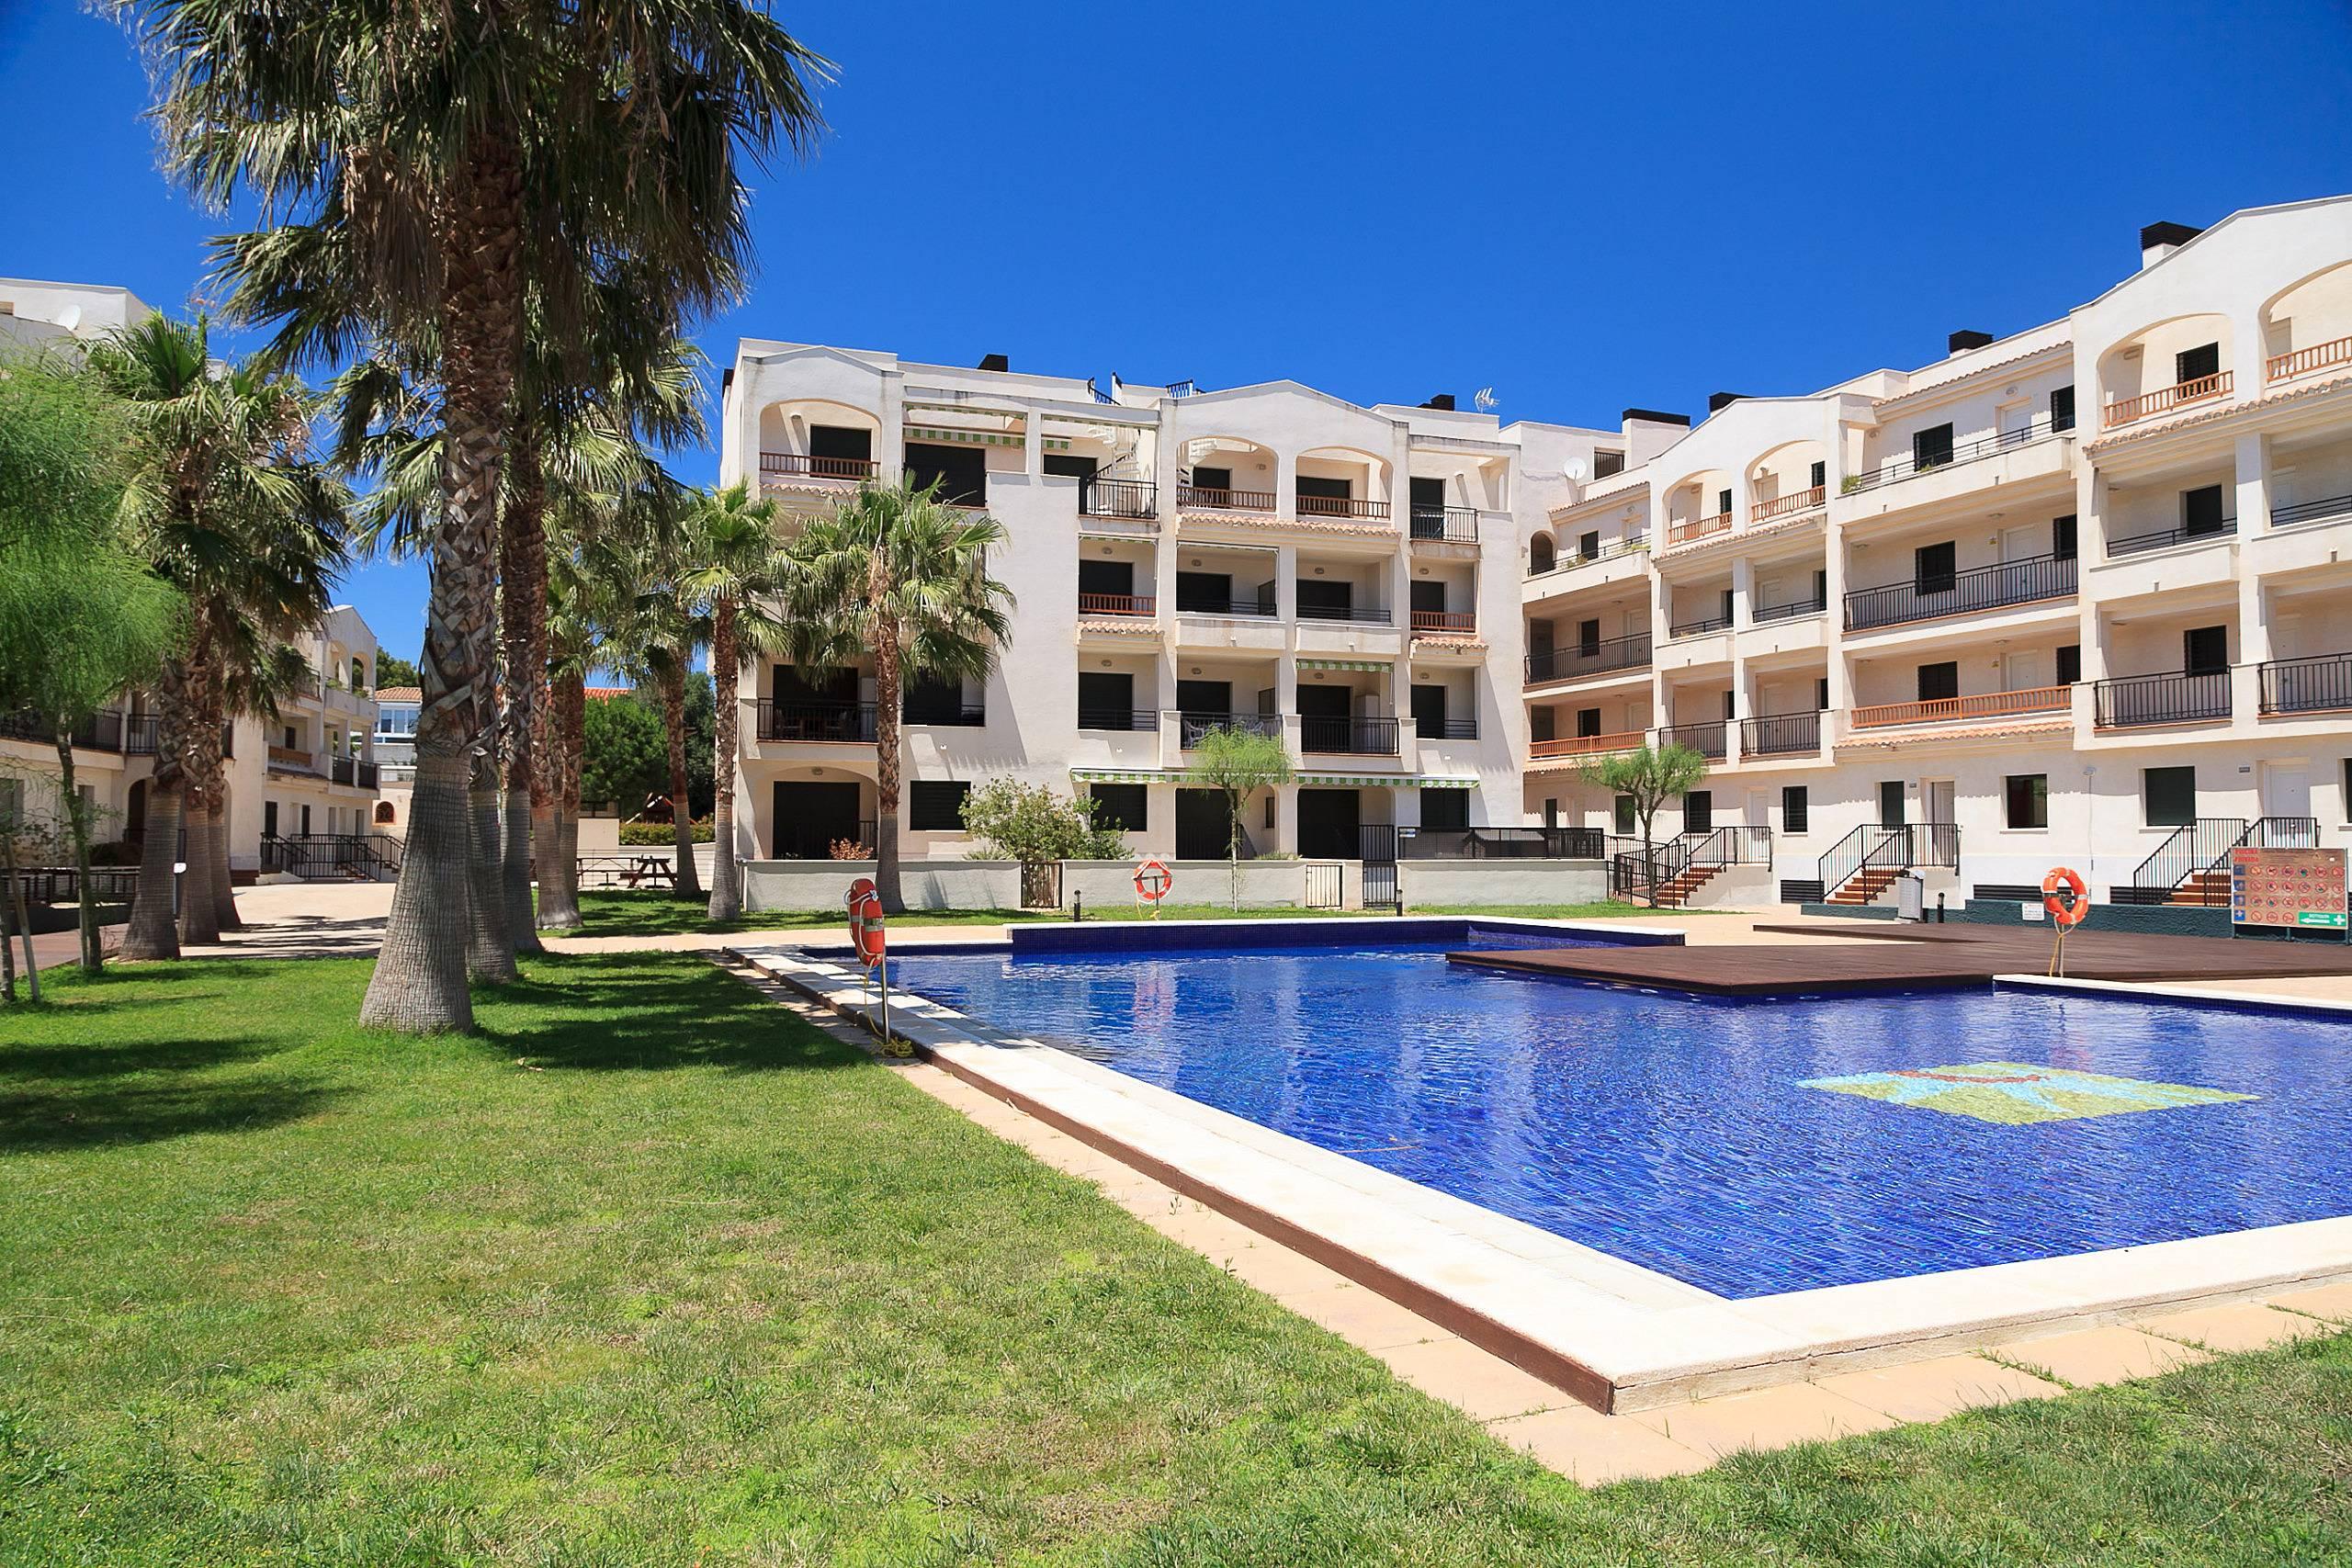 Alquiler espacioso apartamento casa daurada en miami playa costa dorada miami playa mont - Alquiler casas vacacionales costa dorada ...